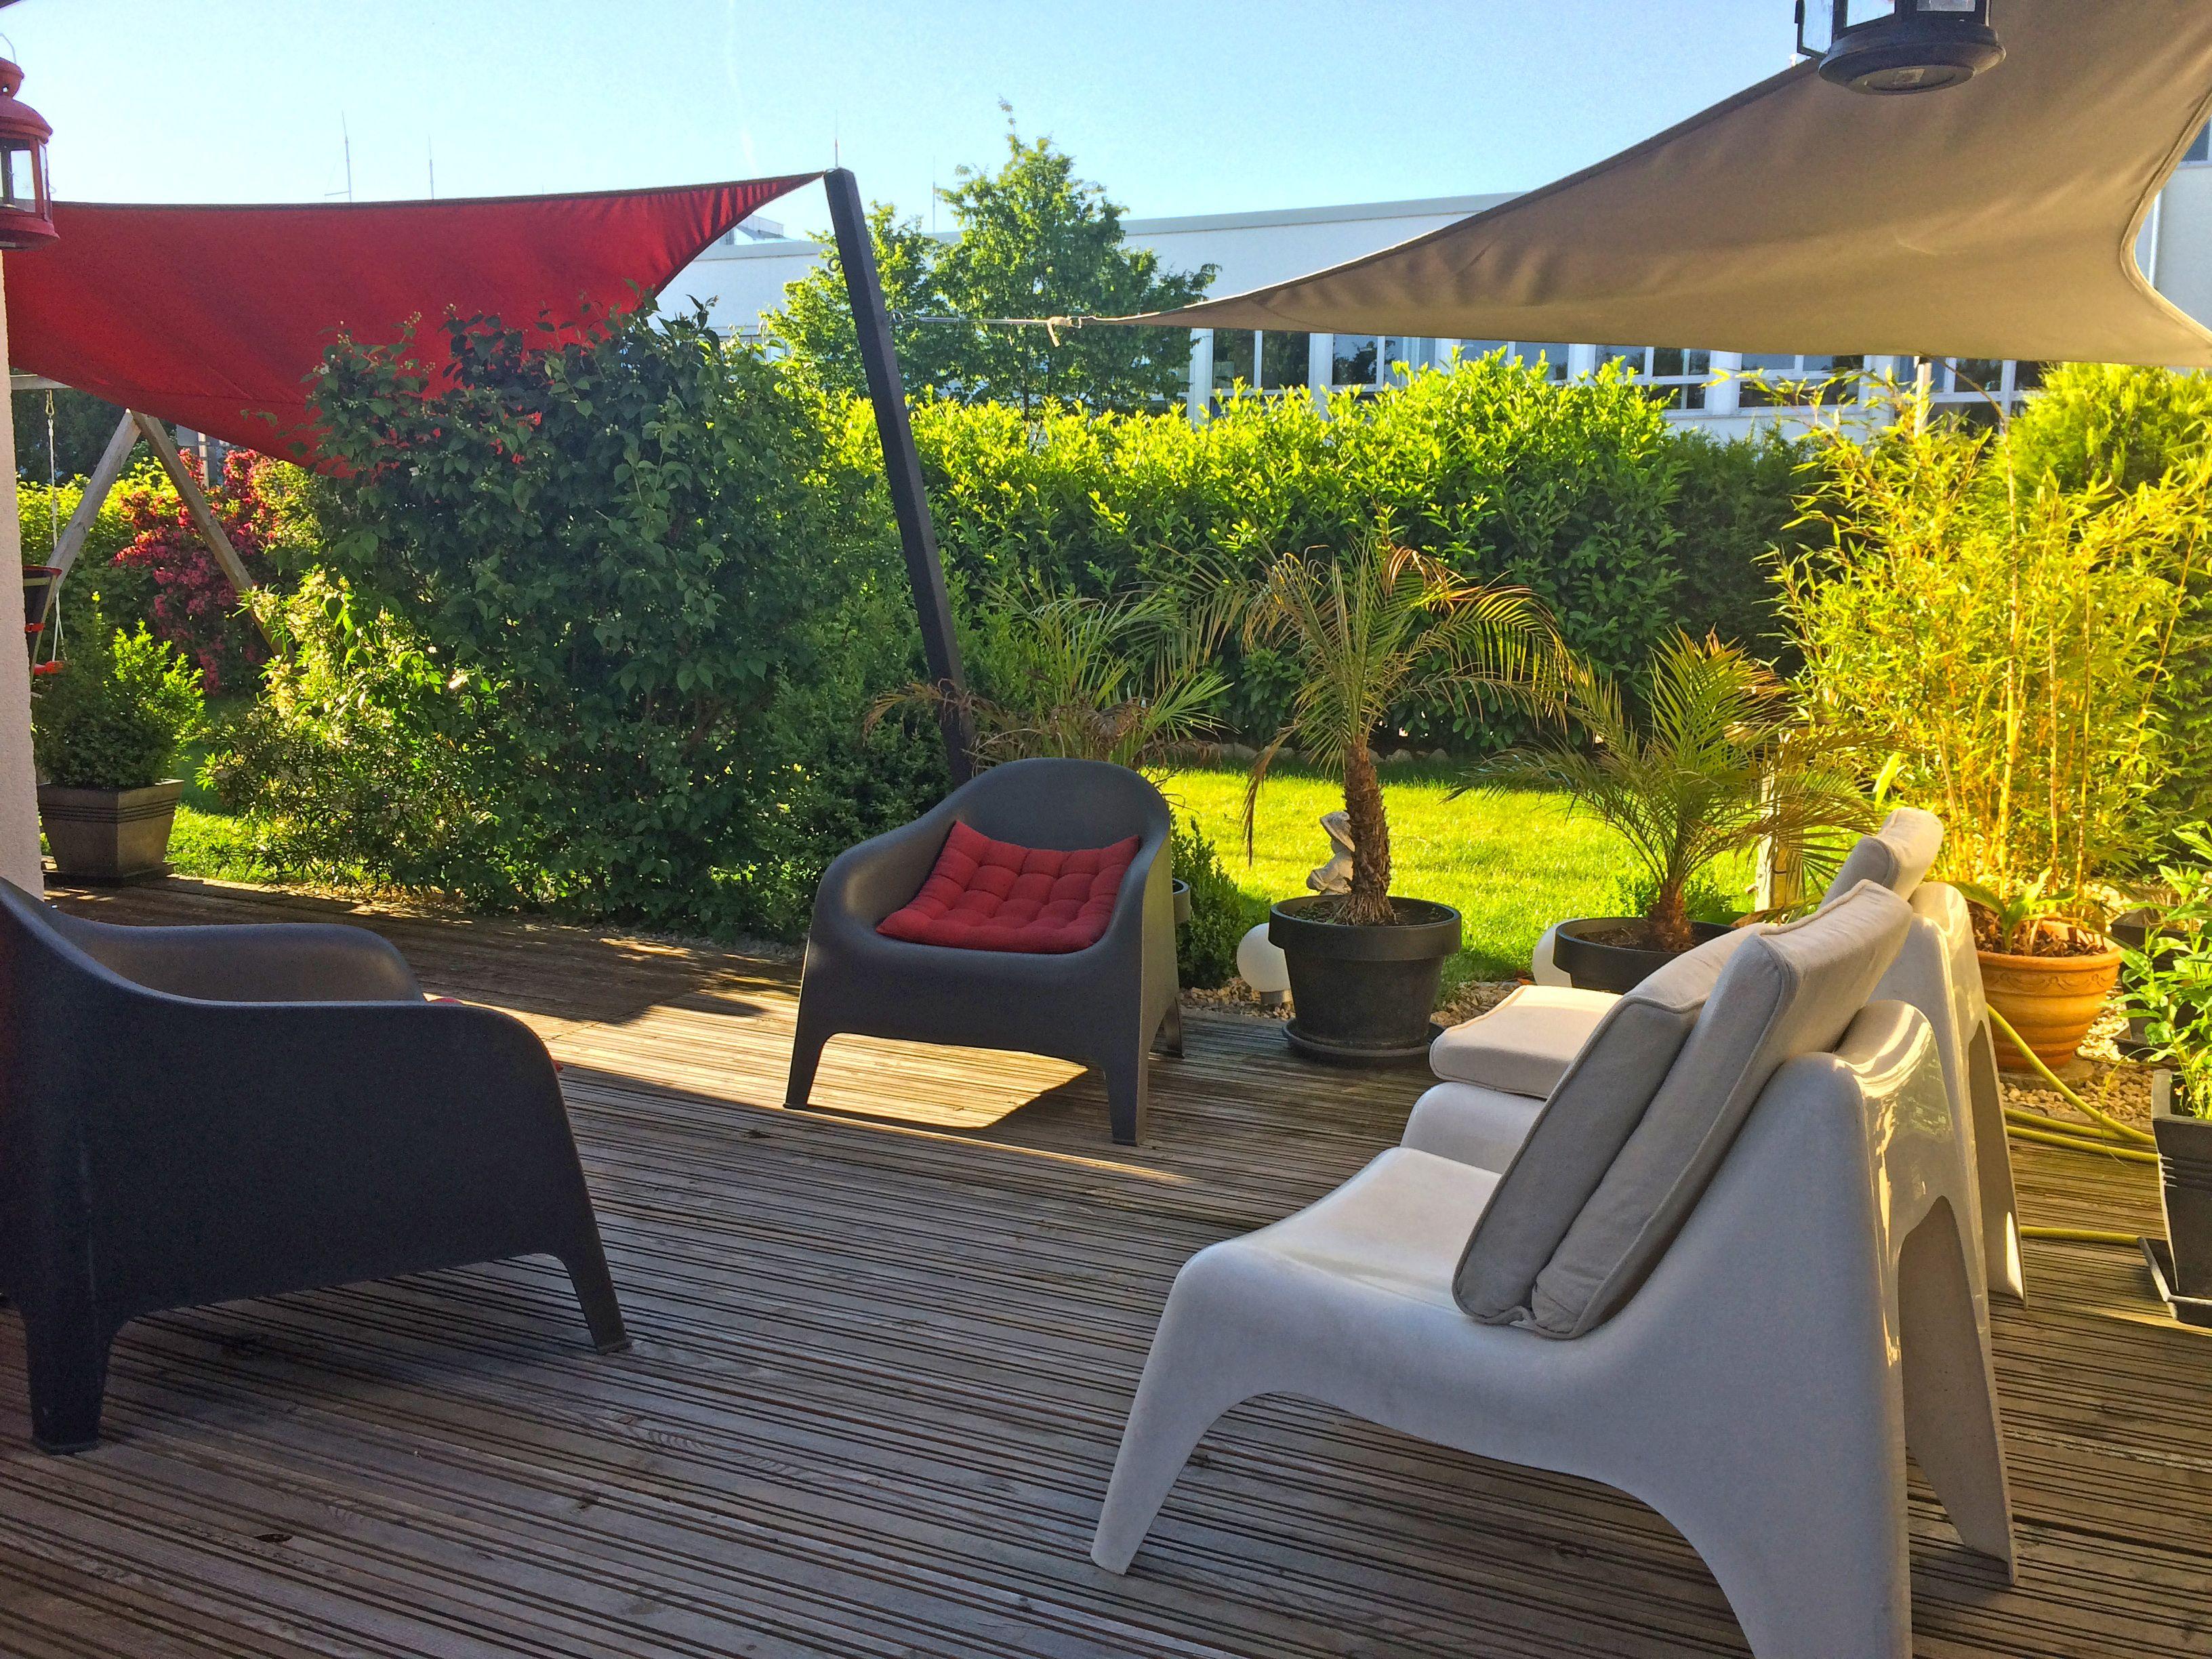 Sonnensegel Gartenmobel Palme Schoner Wohnen Mit Unseren Sonnensegeln Sonnensegel Schoner Wohnen Gartenmobel